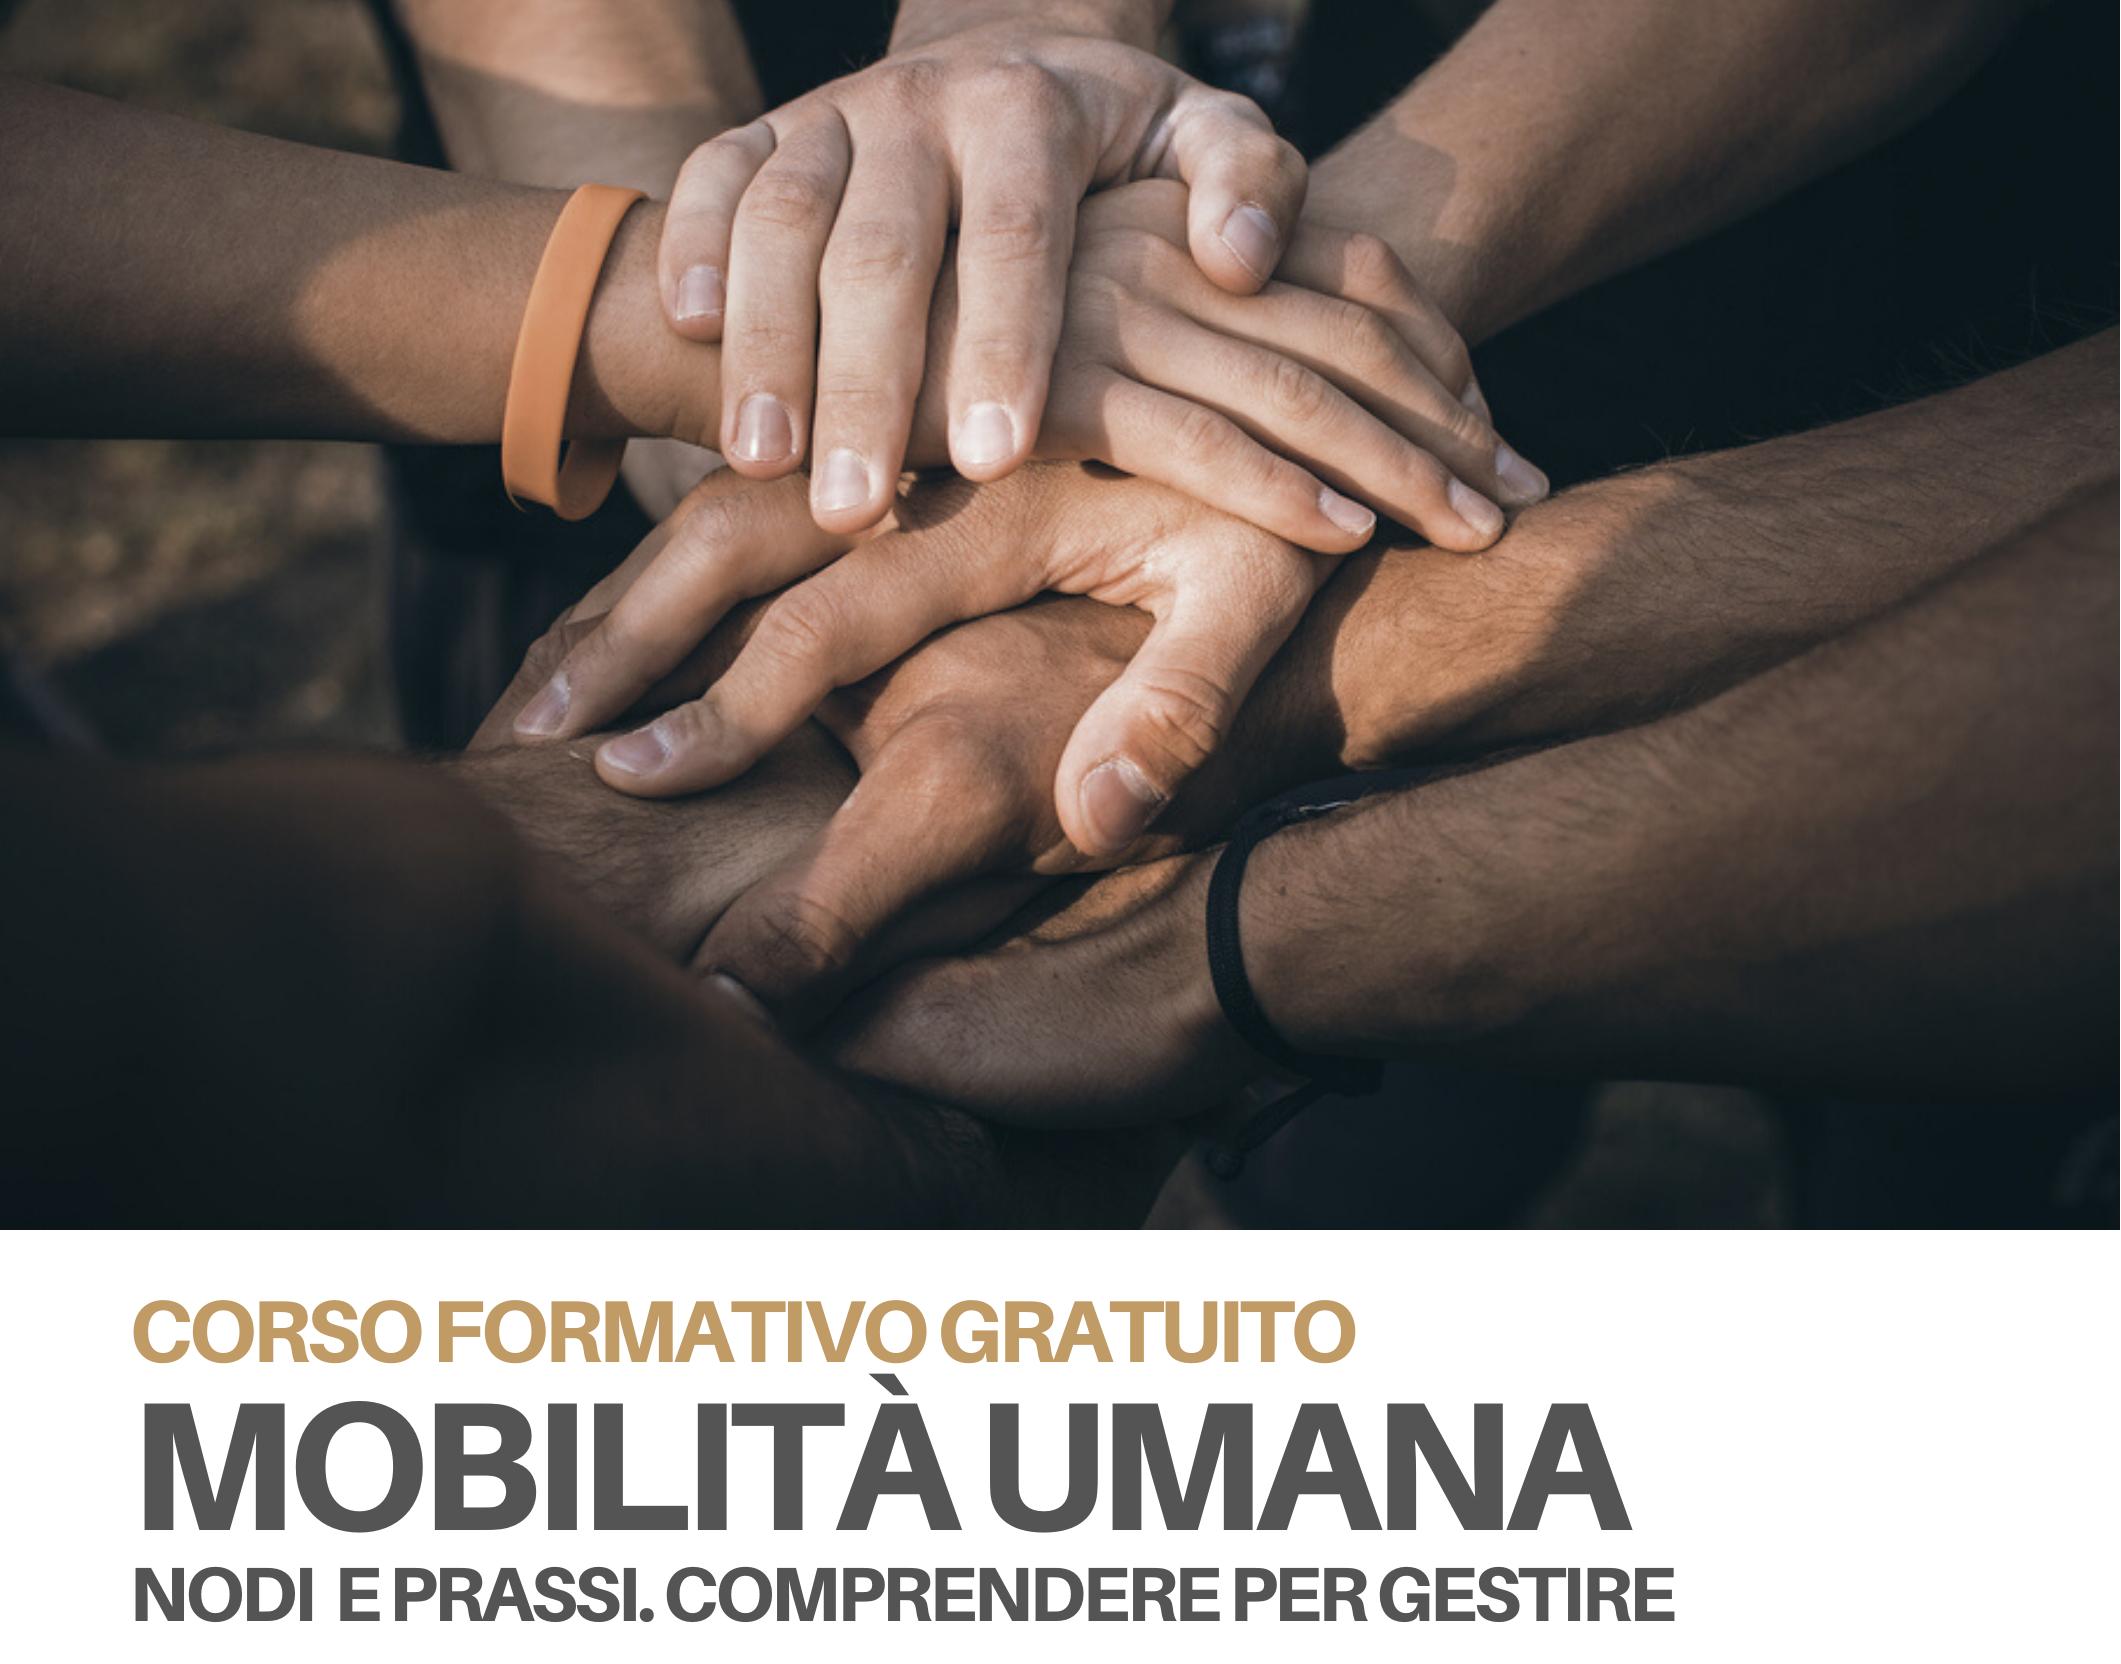 """AL VIA IL CORSO FORMATIVO GRATUITO  """"MOBILITA' UMANA"""""""